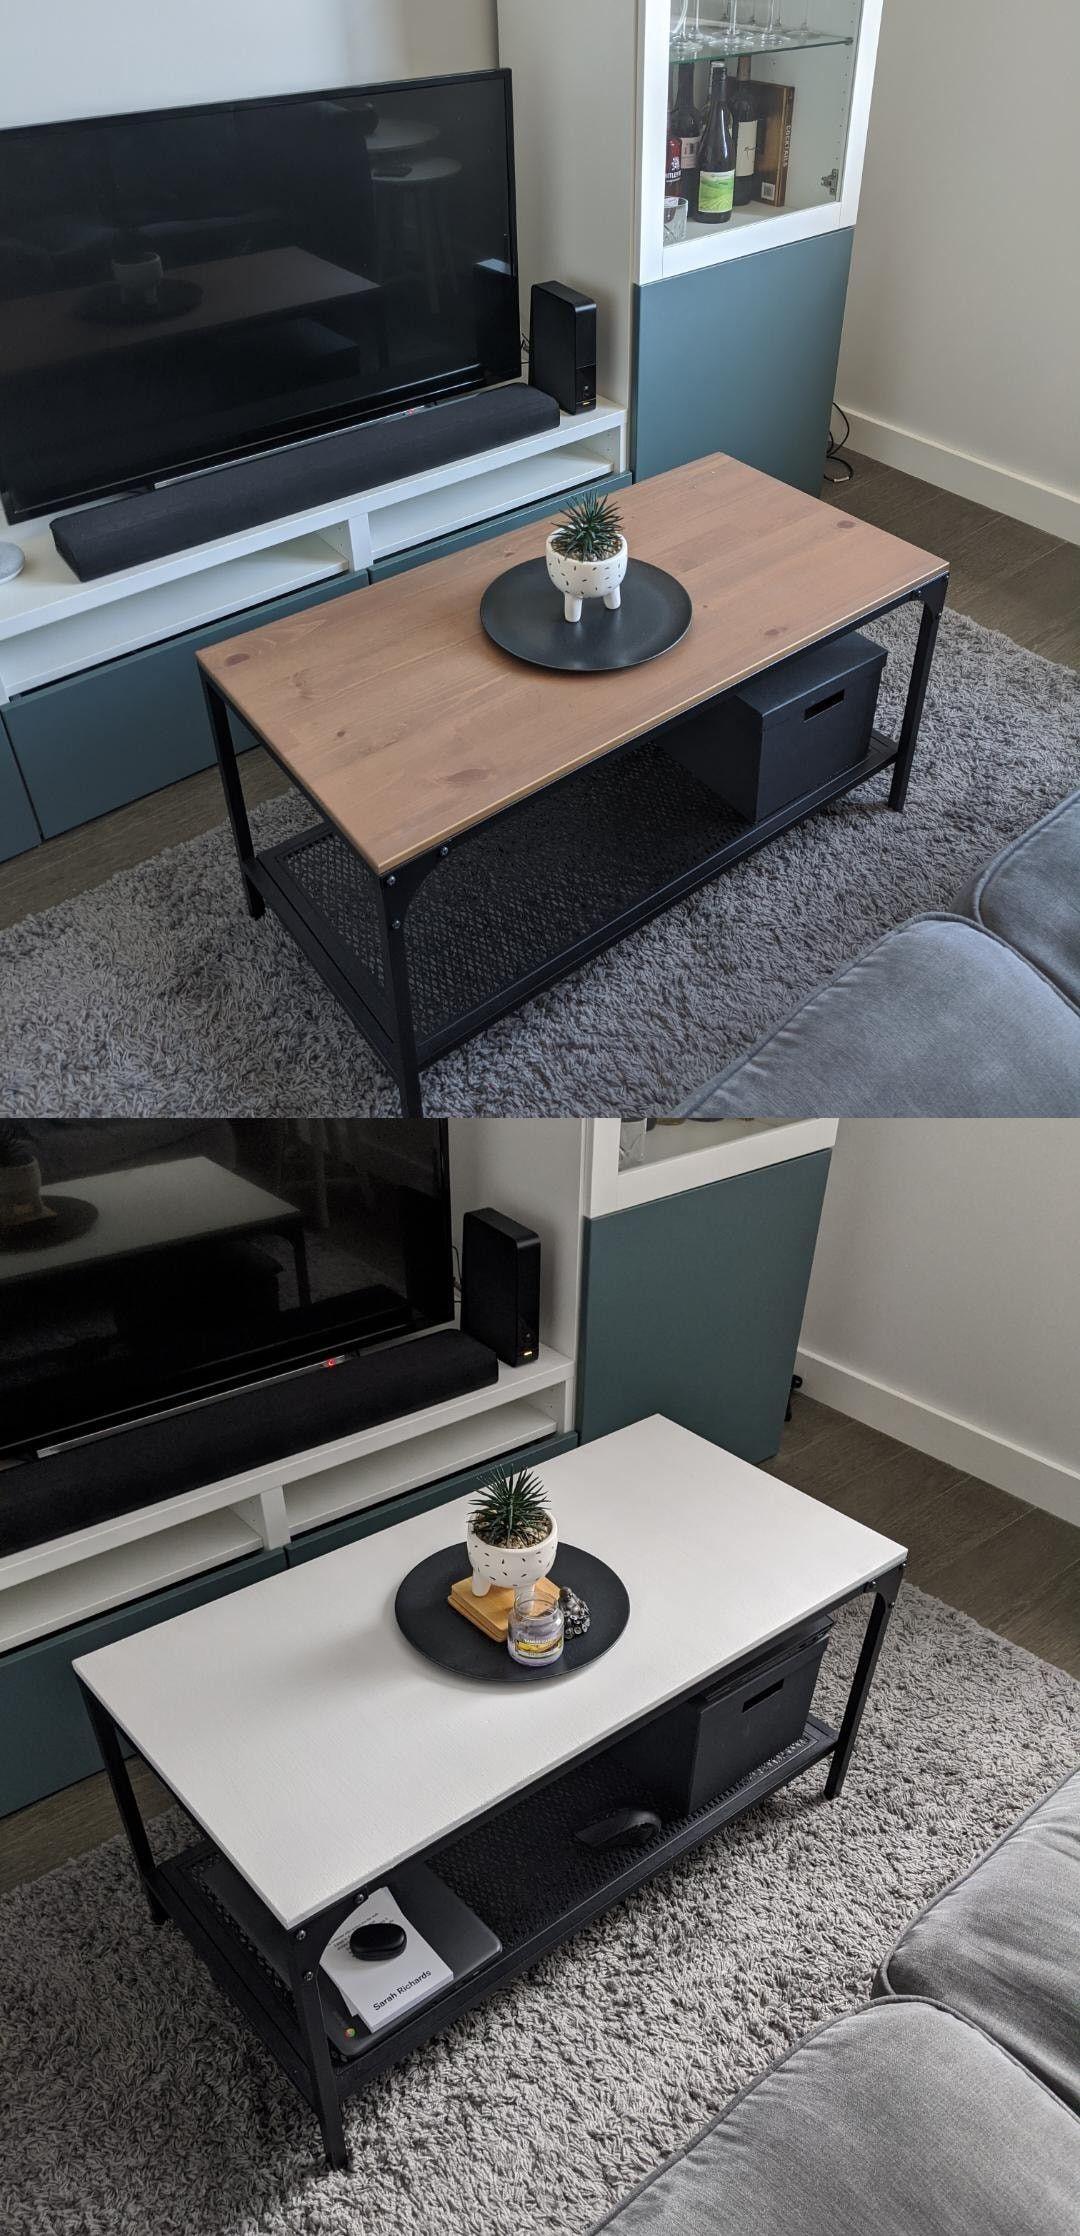 Ikea Fjallbo Coffee Table Upcycle Coffee Table Upcycle Home Ikea [ 2236 x 1080 Pixel ]